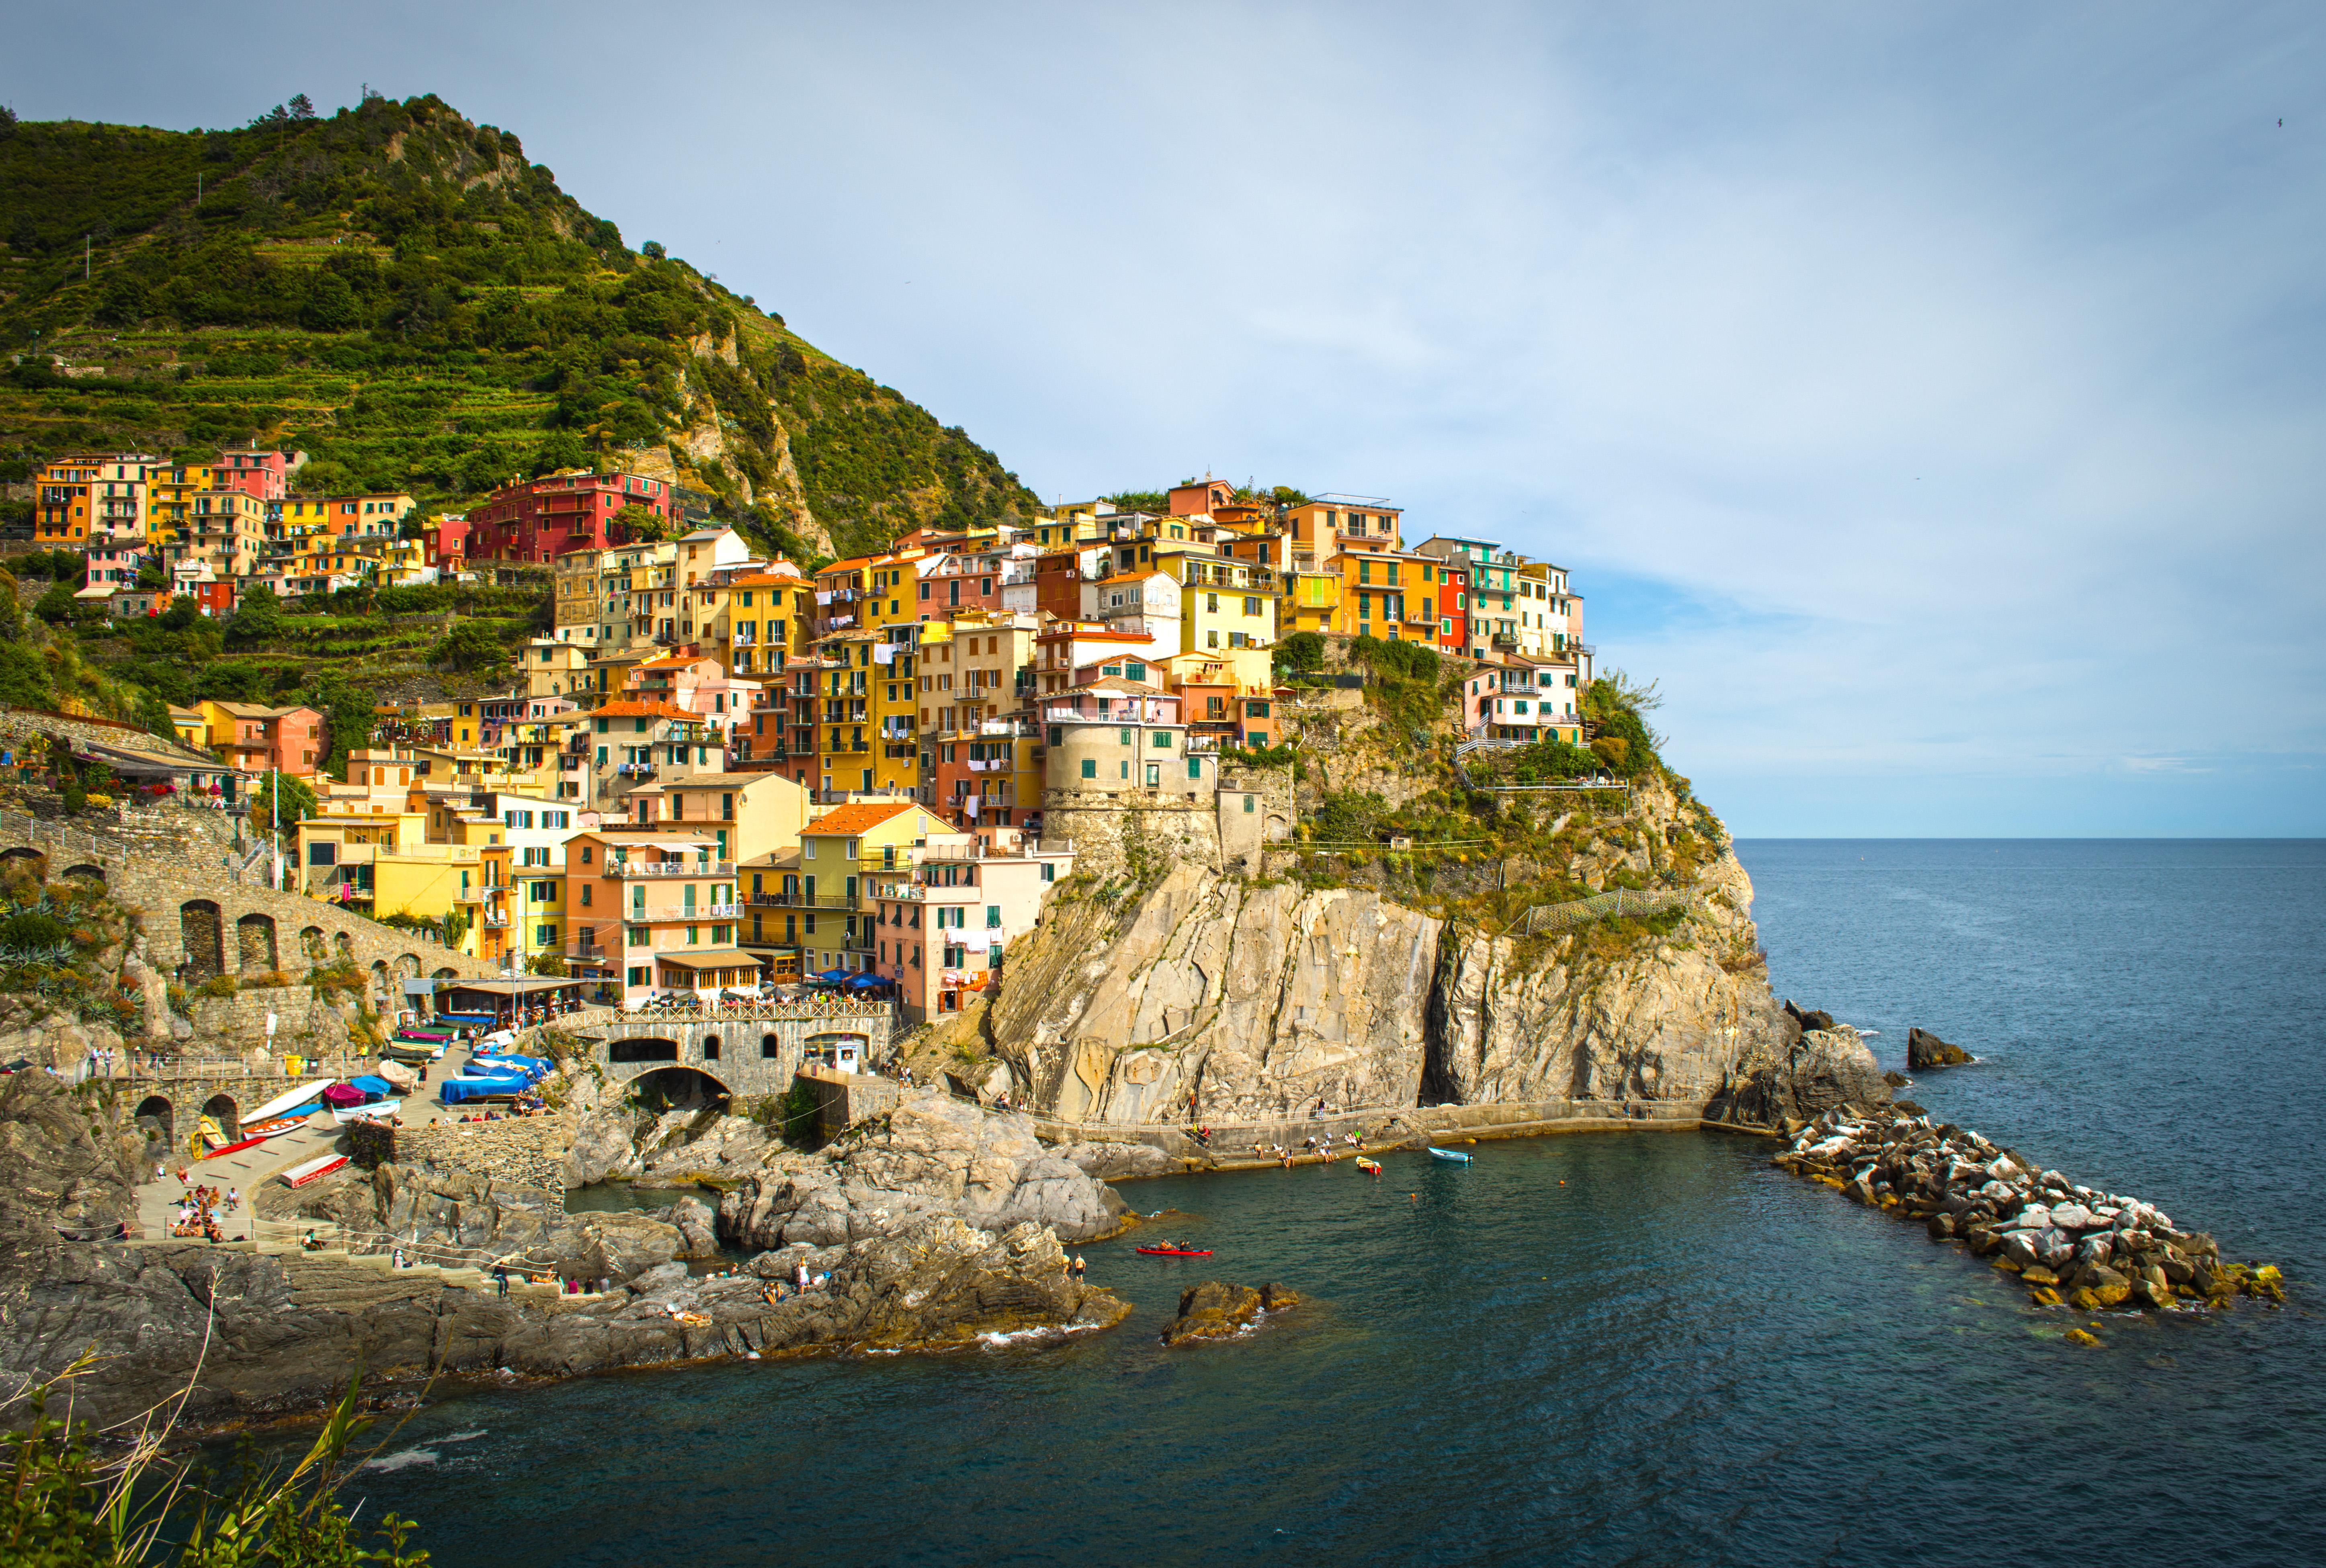 Sfondi  citt mare Italia paesaggio marino Nikon cavalla pescatori Liguria esploratore